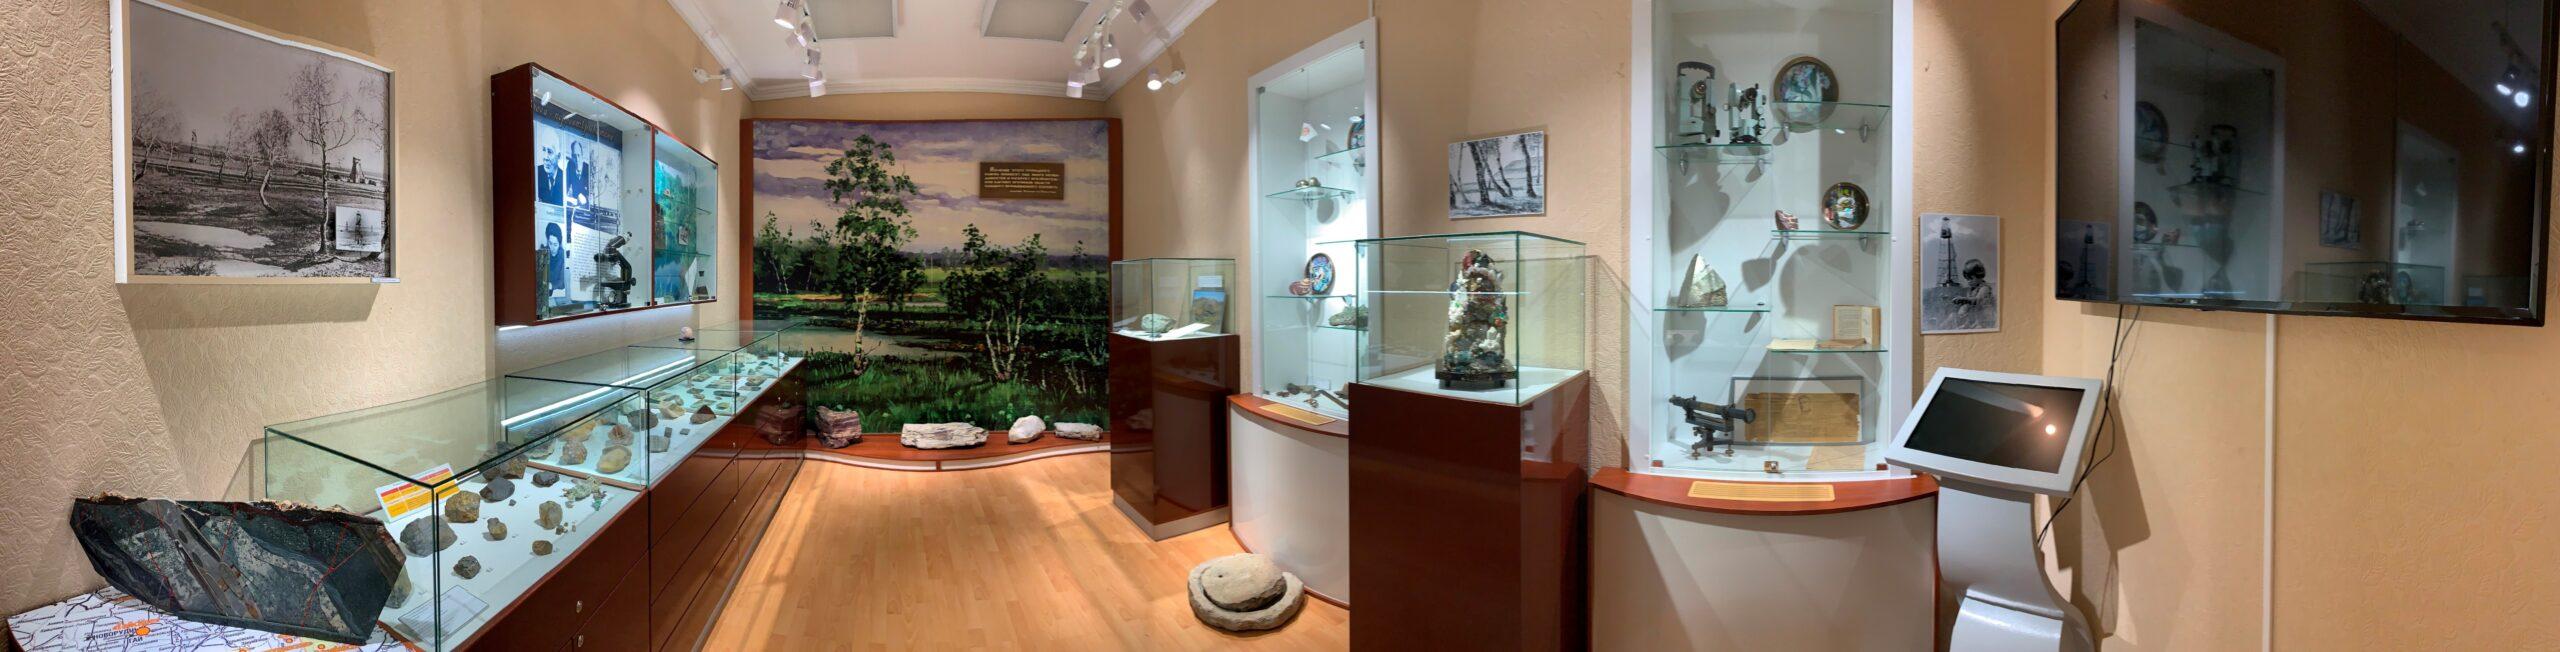 Историко-краеведческий музей города Гая